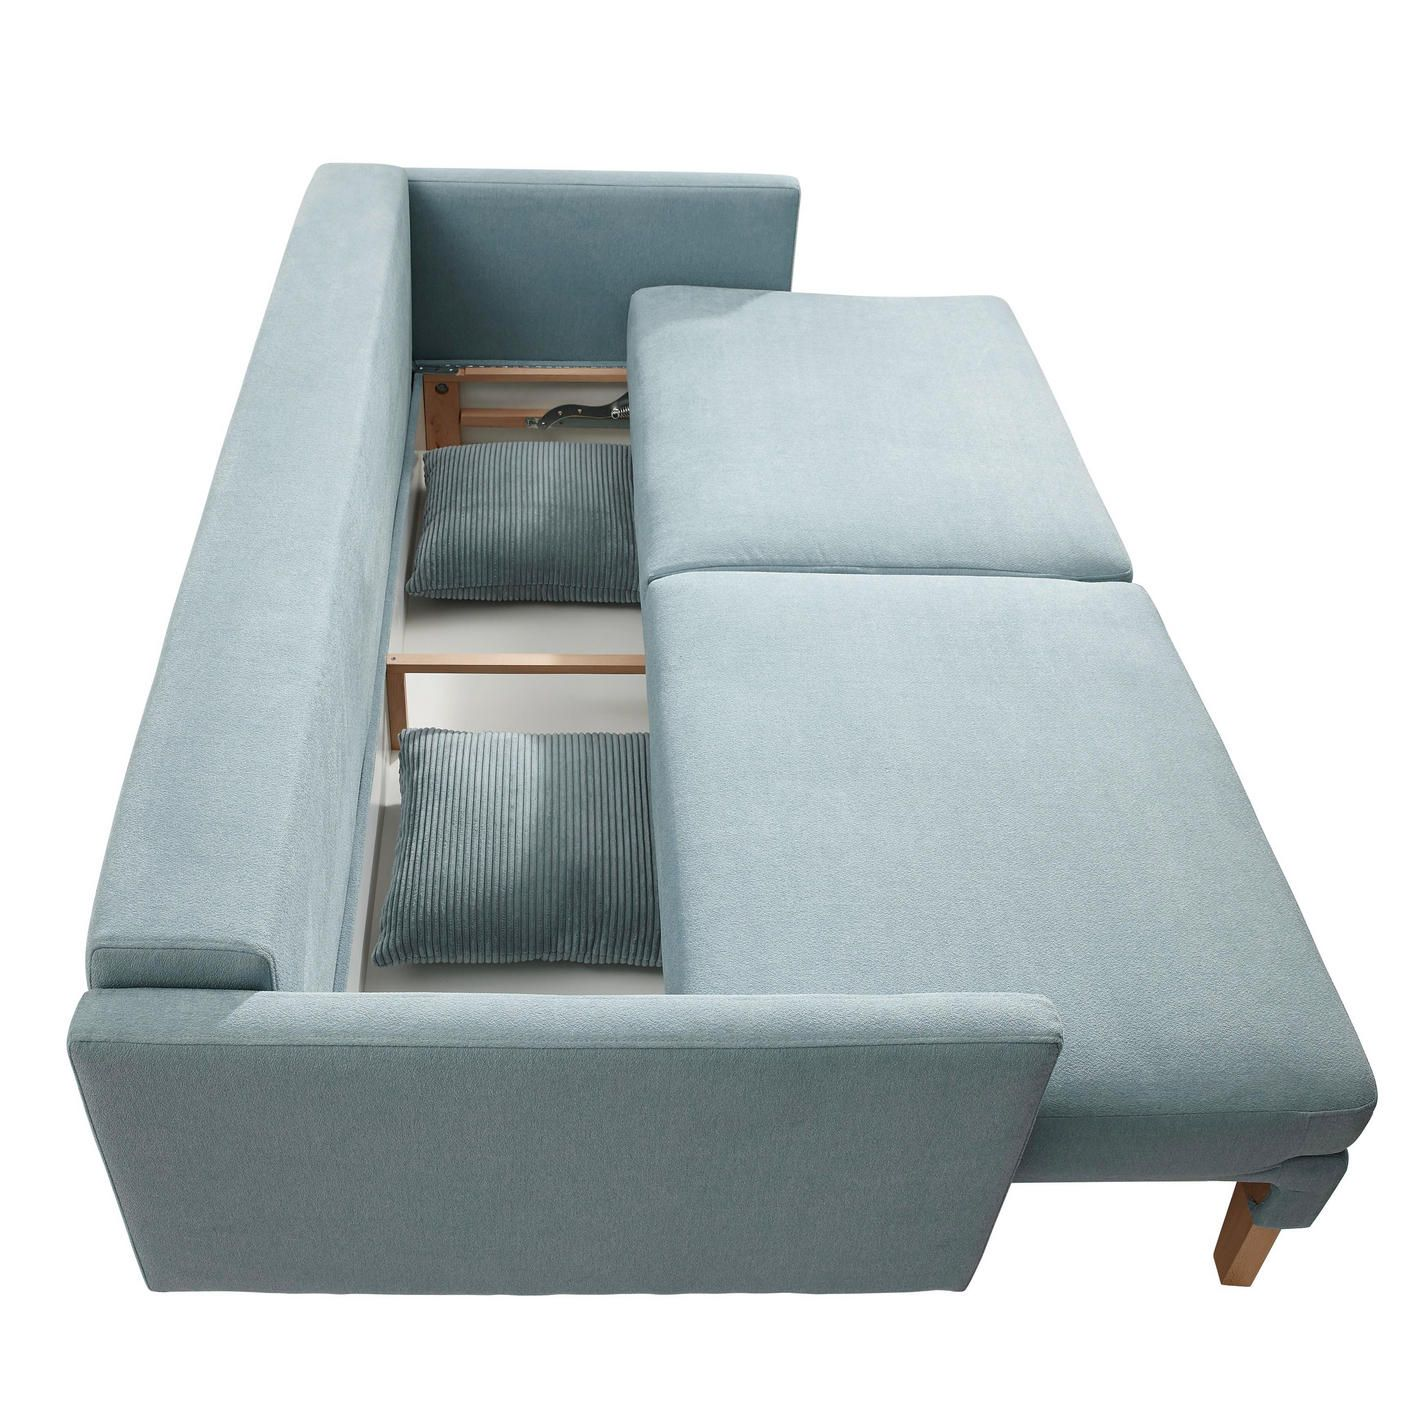 Schlafsofa Flachgewebe Blau Online Kaufen Xxxlutz Schlafsofa Design Schlafsofa Sofa